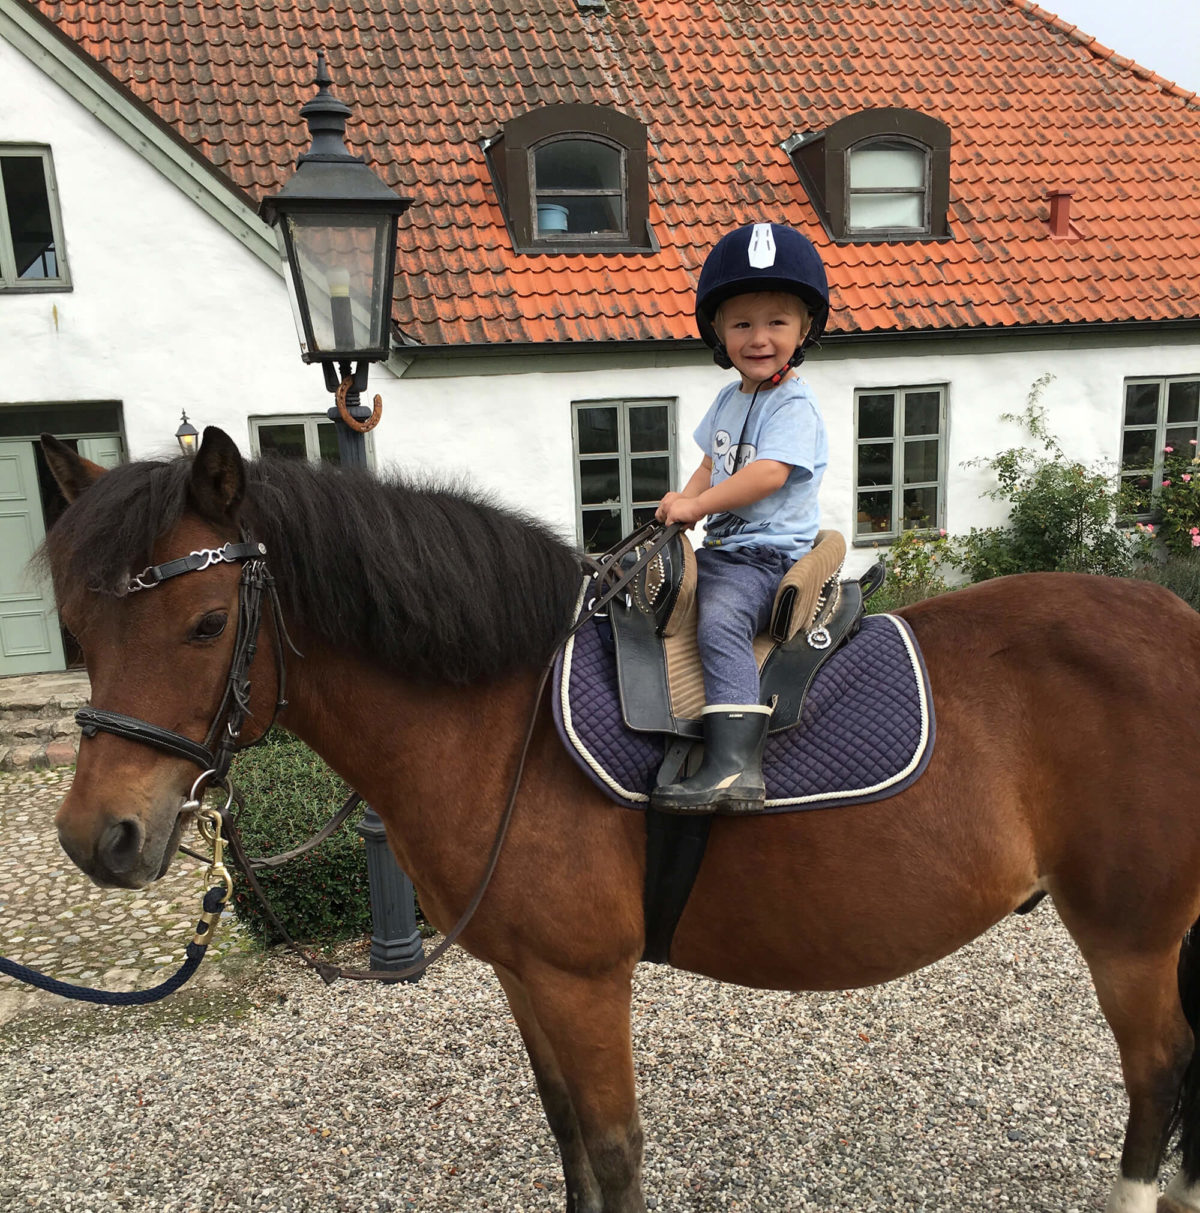 Ett litet barn sitter på en häst utanför ett av husen vid Grevlundagården